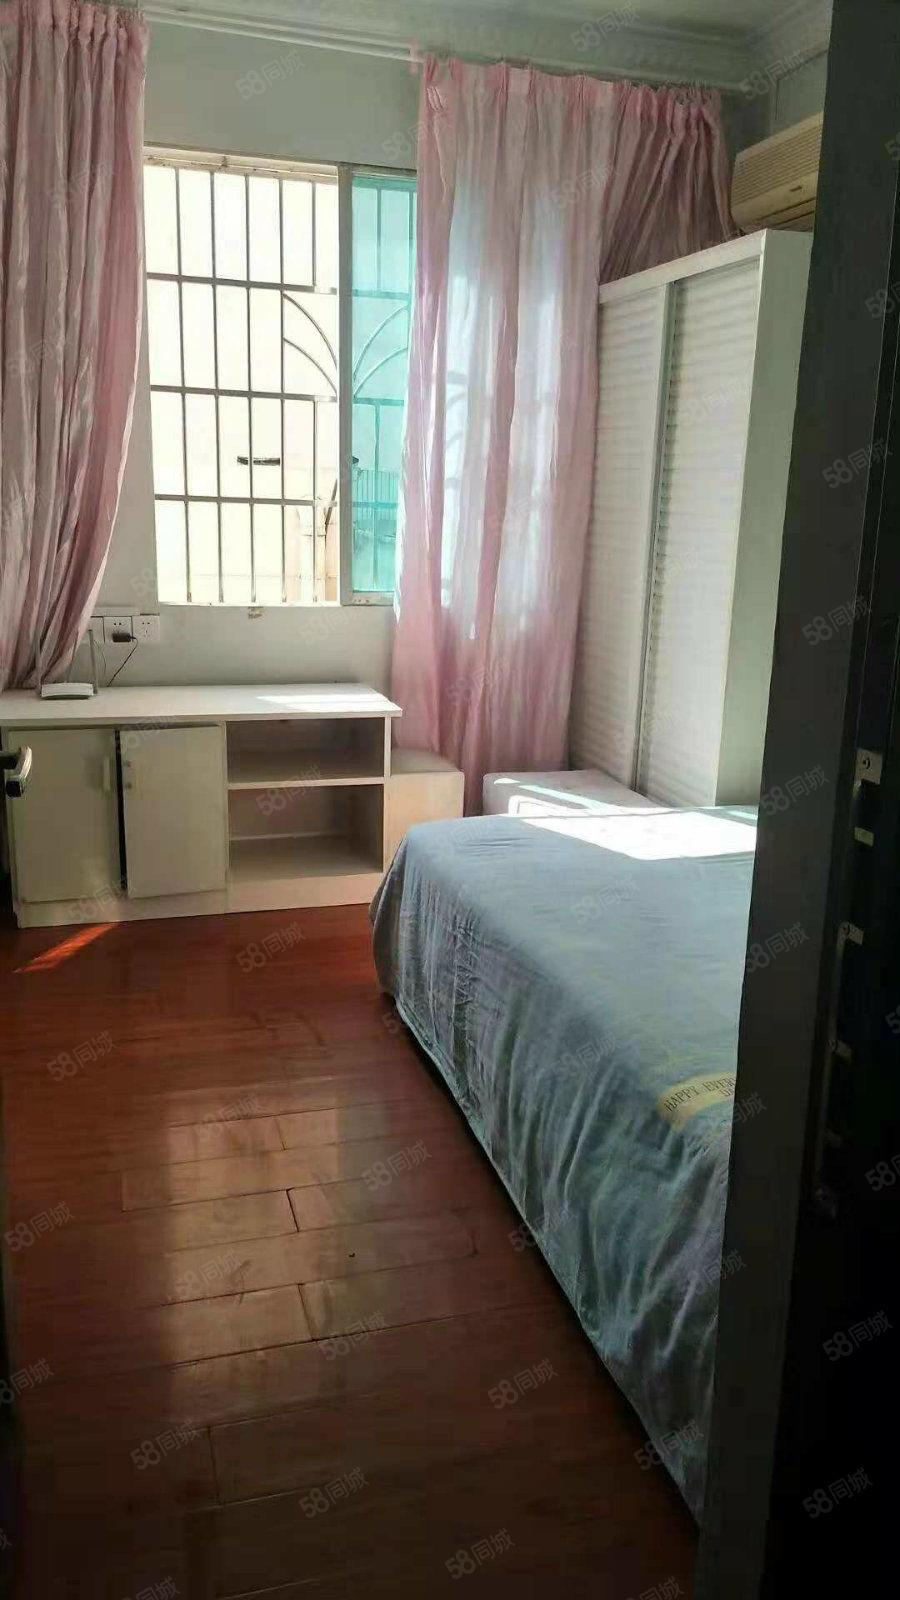 锦江广场装修精致小户型公寓,900~1500价格不等,抢租吧